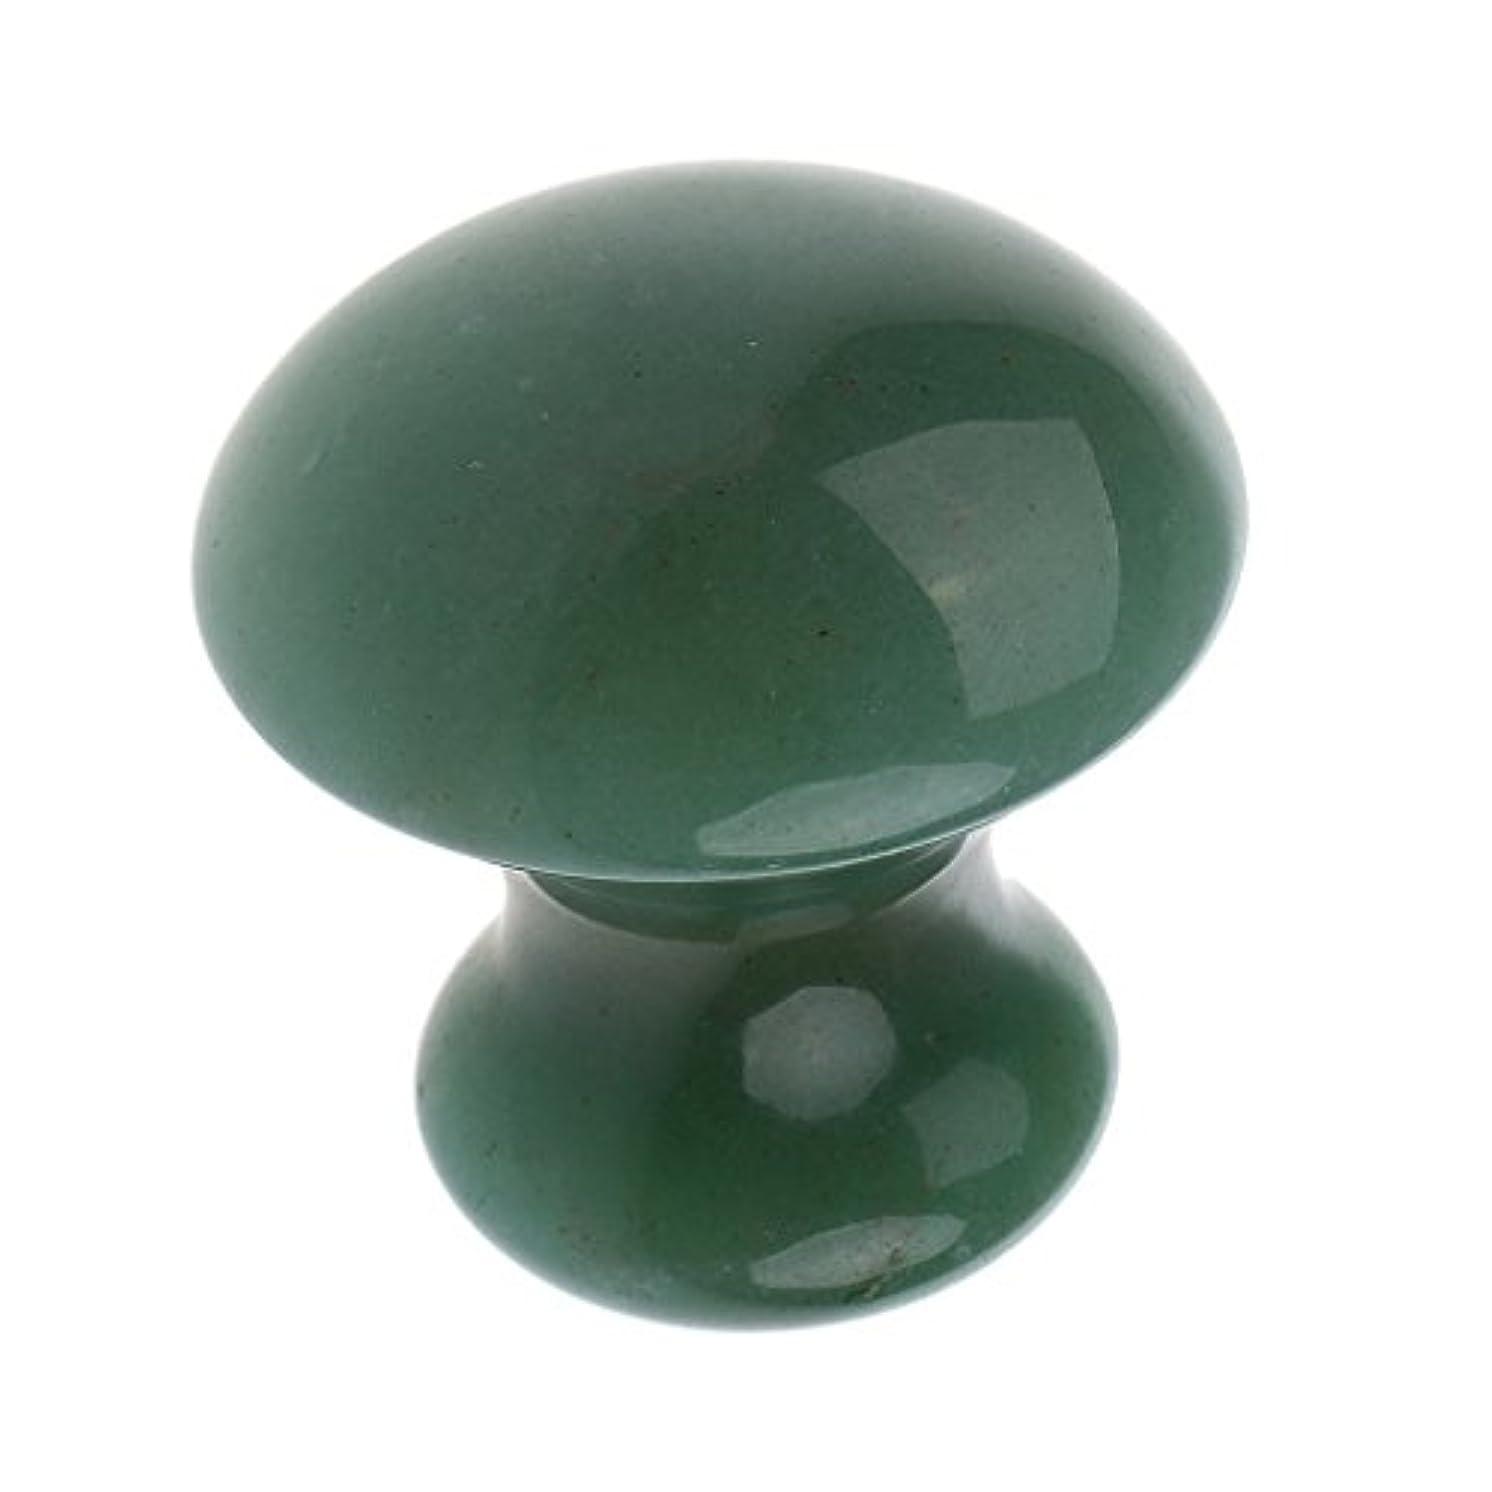 発行する近々確かめるBaoblaze マッサージストーン マッシュルーム スパ SPA ストーン スキンケア リラックス 2色選べる - 緑